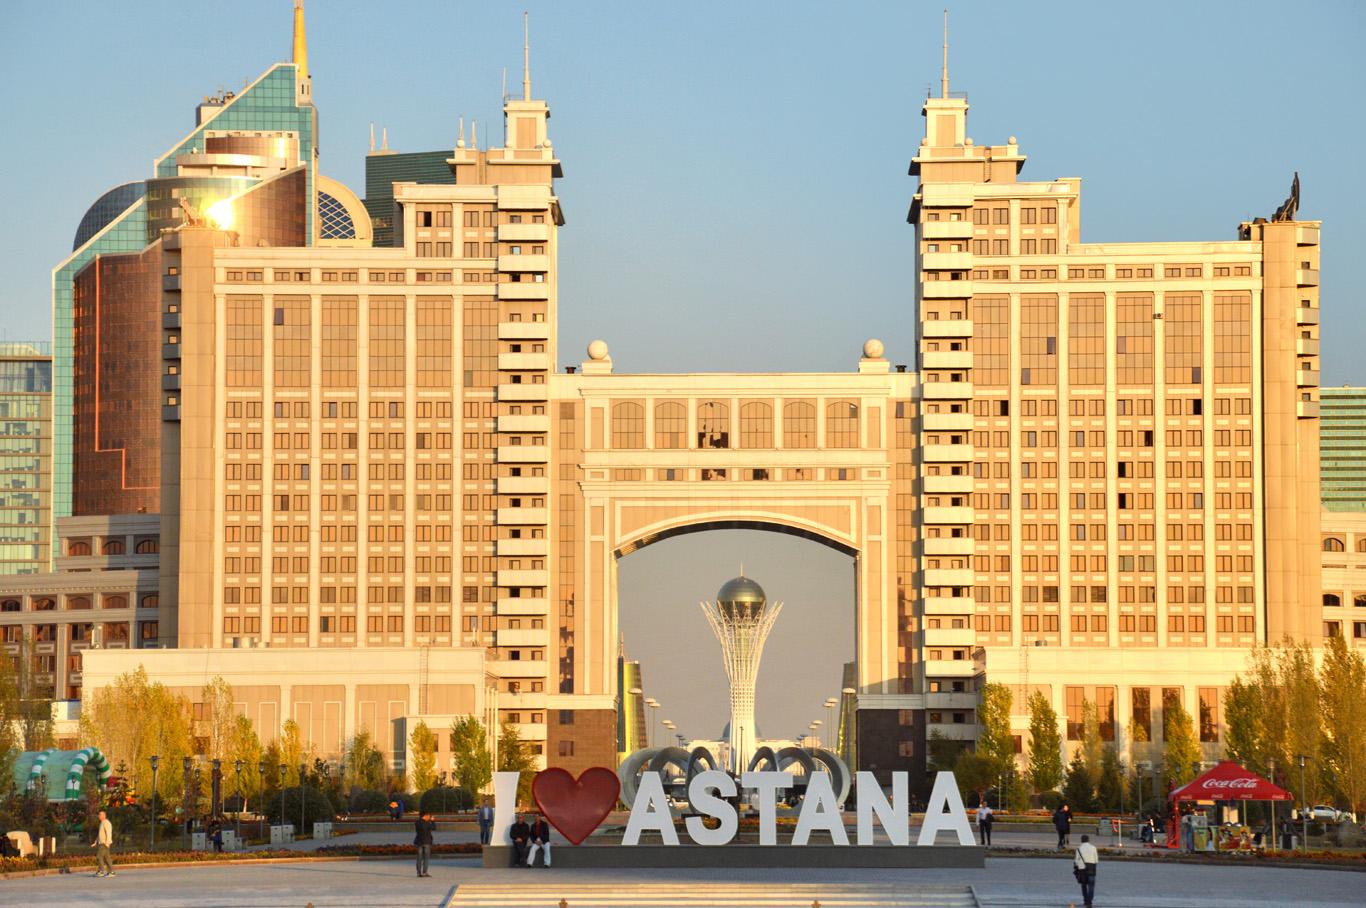 I love Astana sign